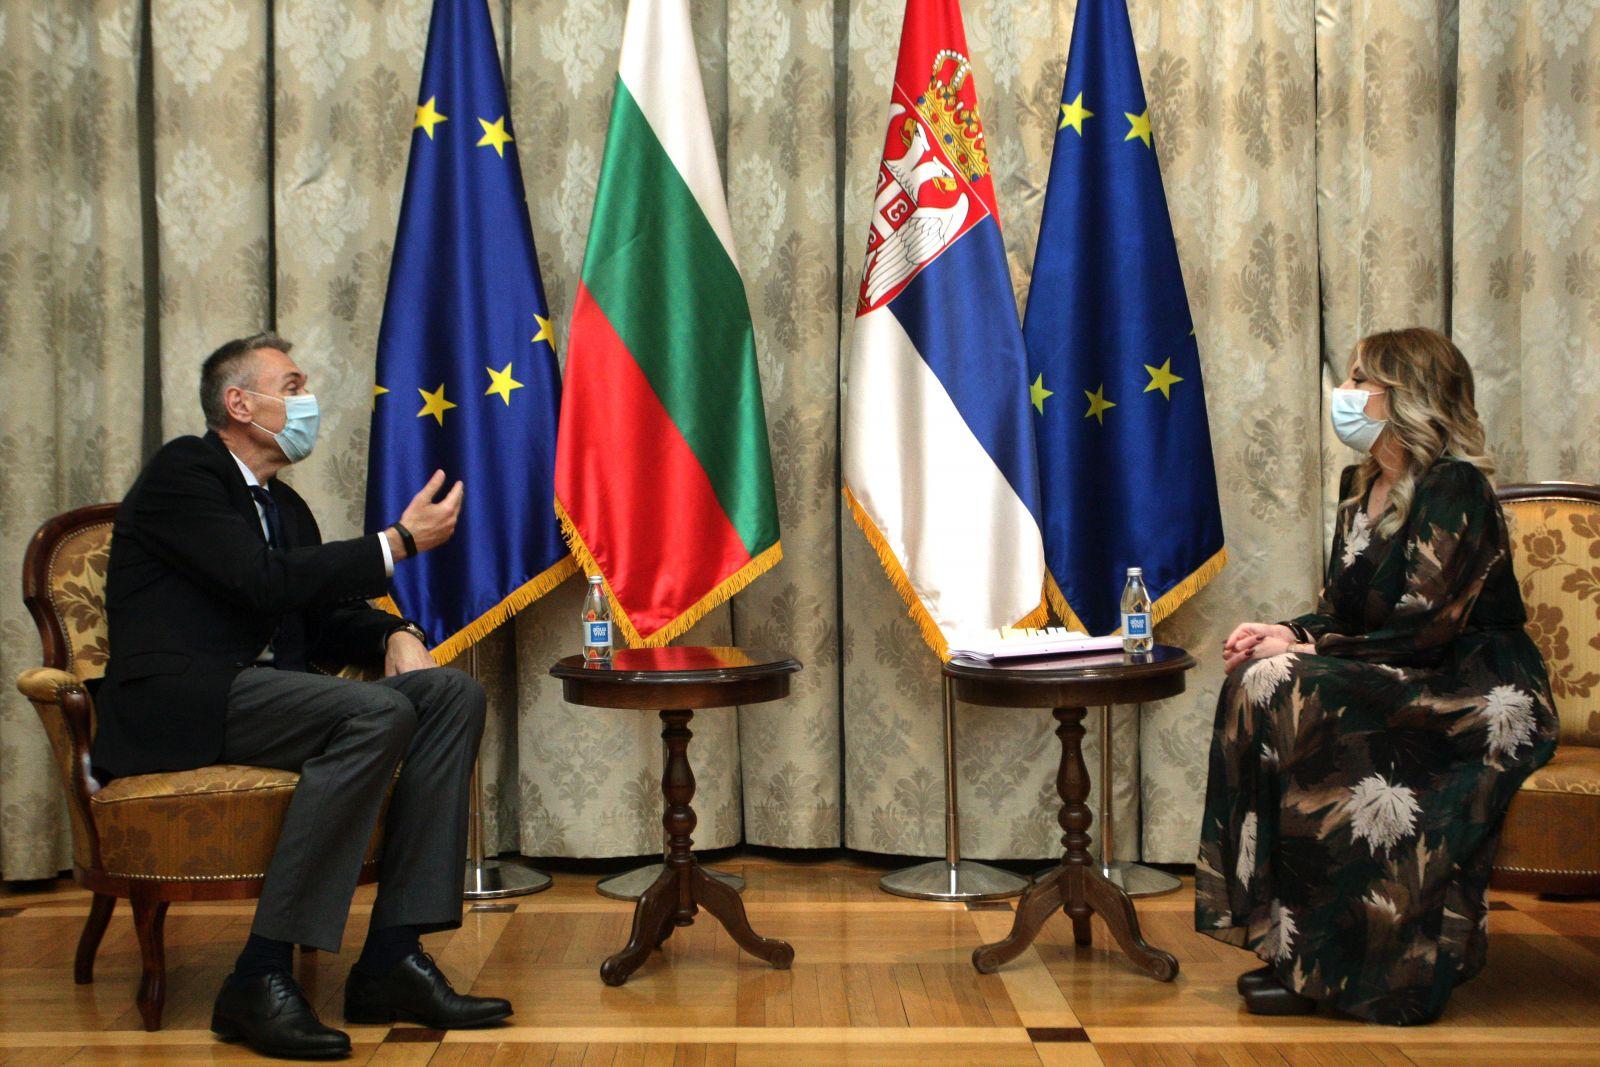 Ј. Јоксимовић: Добри билатерални односи и подршка ЕУ интеграцији